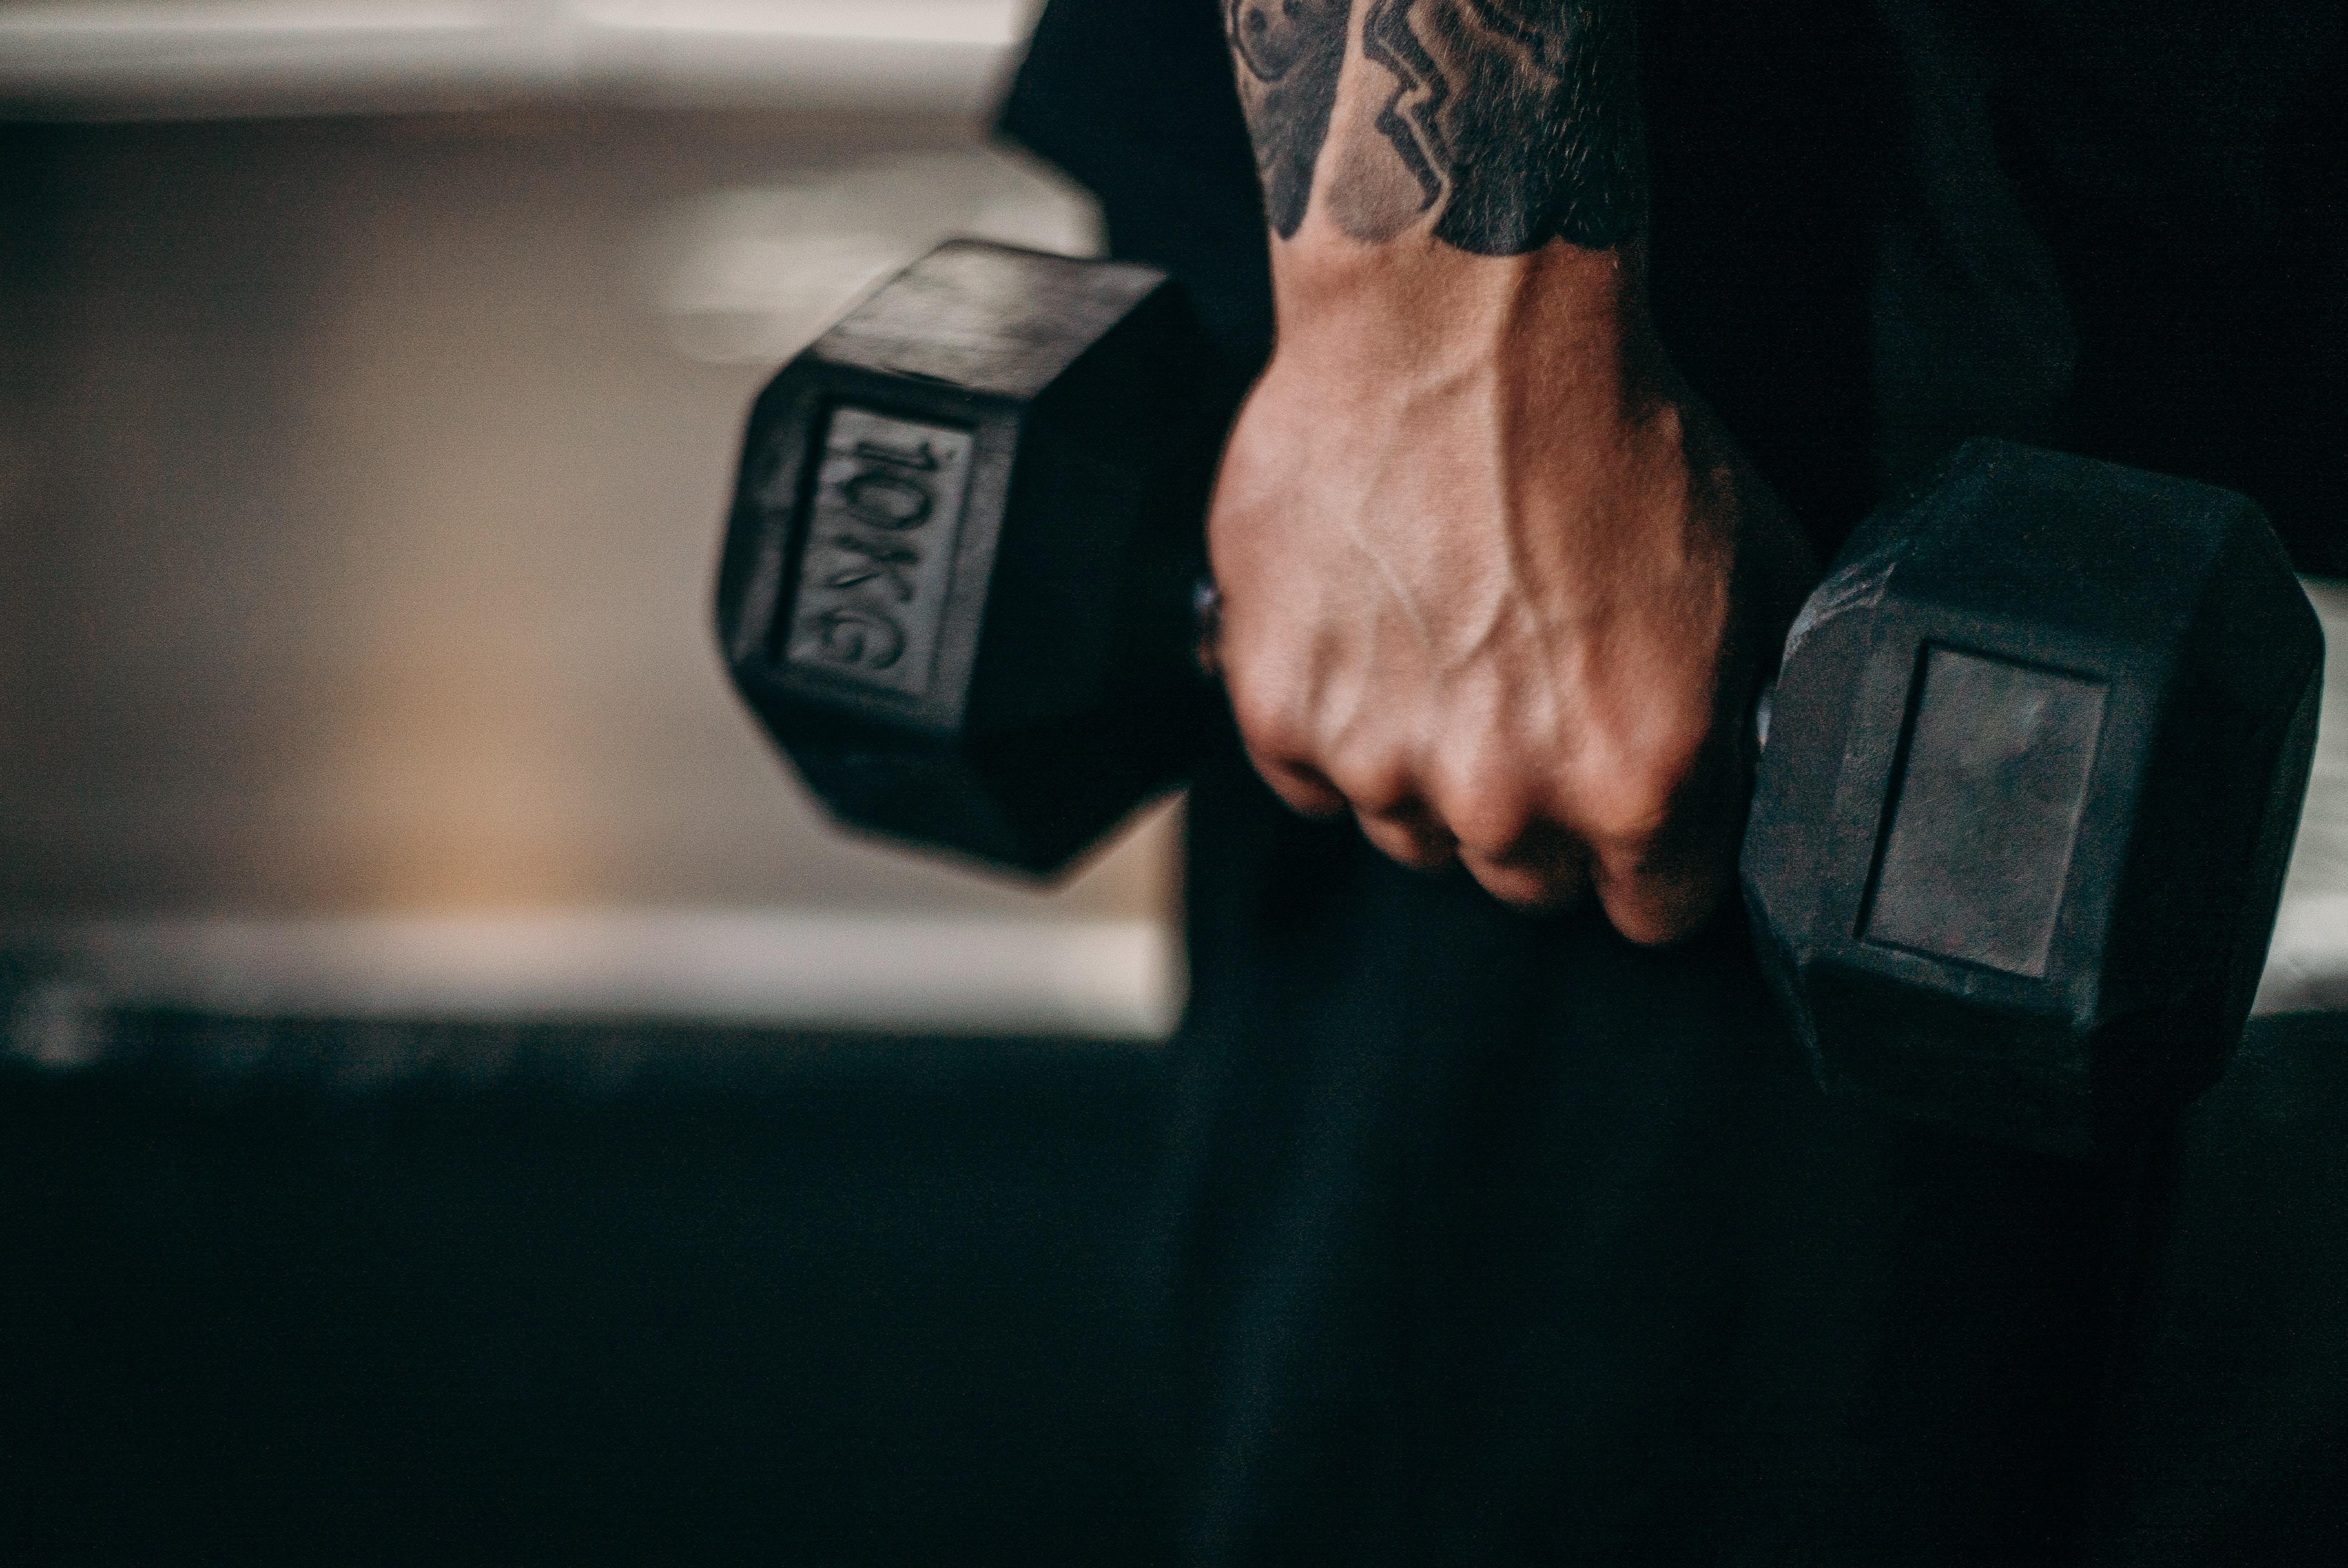 eviter les contractures et les blessures musculaires après effort